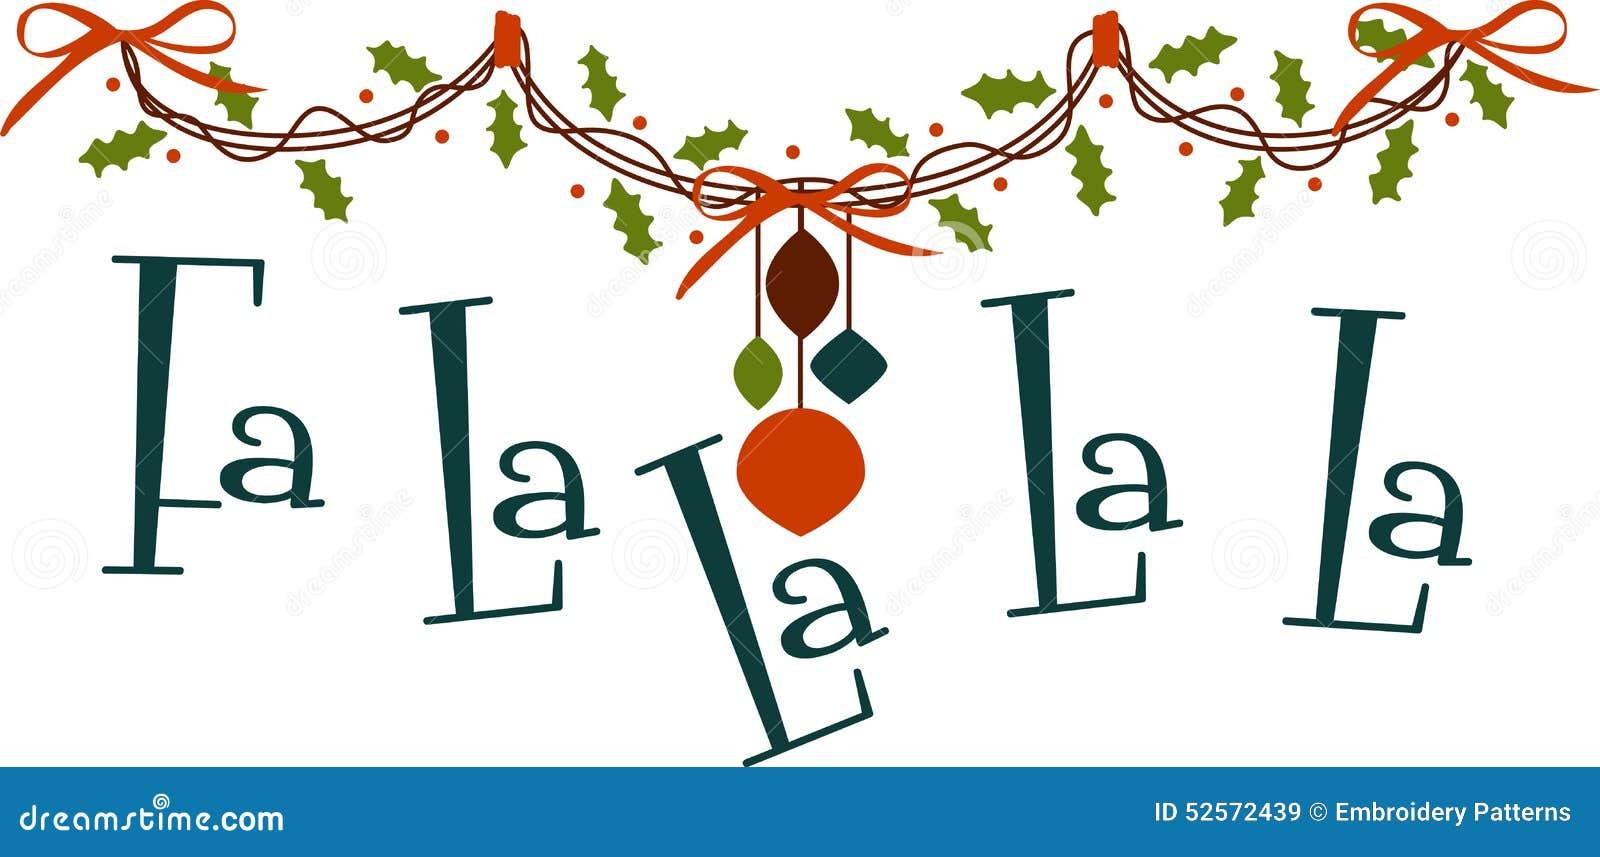 Fa La La La La stock vector. Illustration of ornament - 52572439